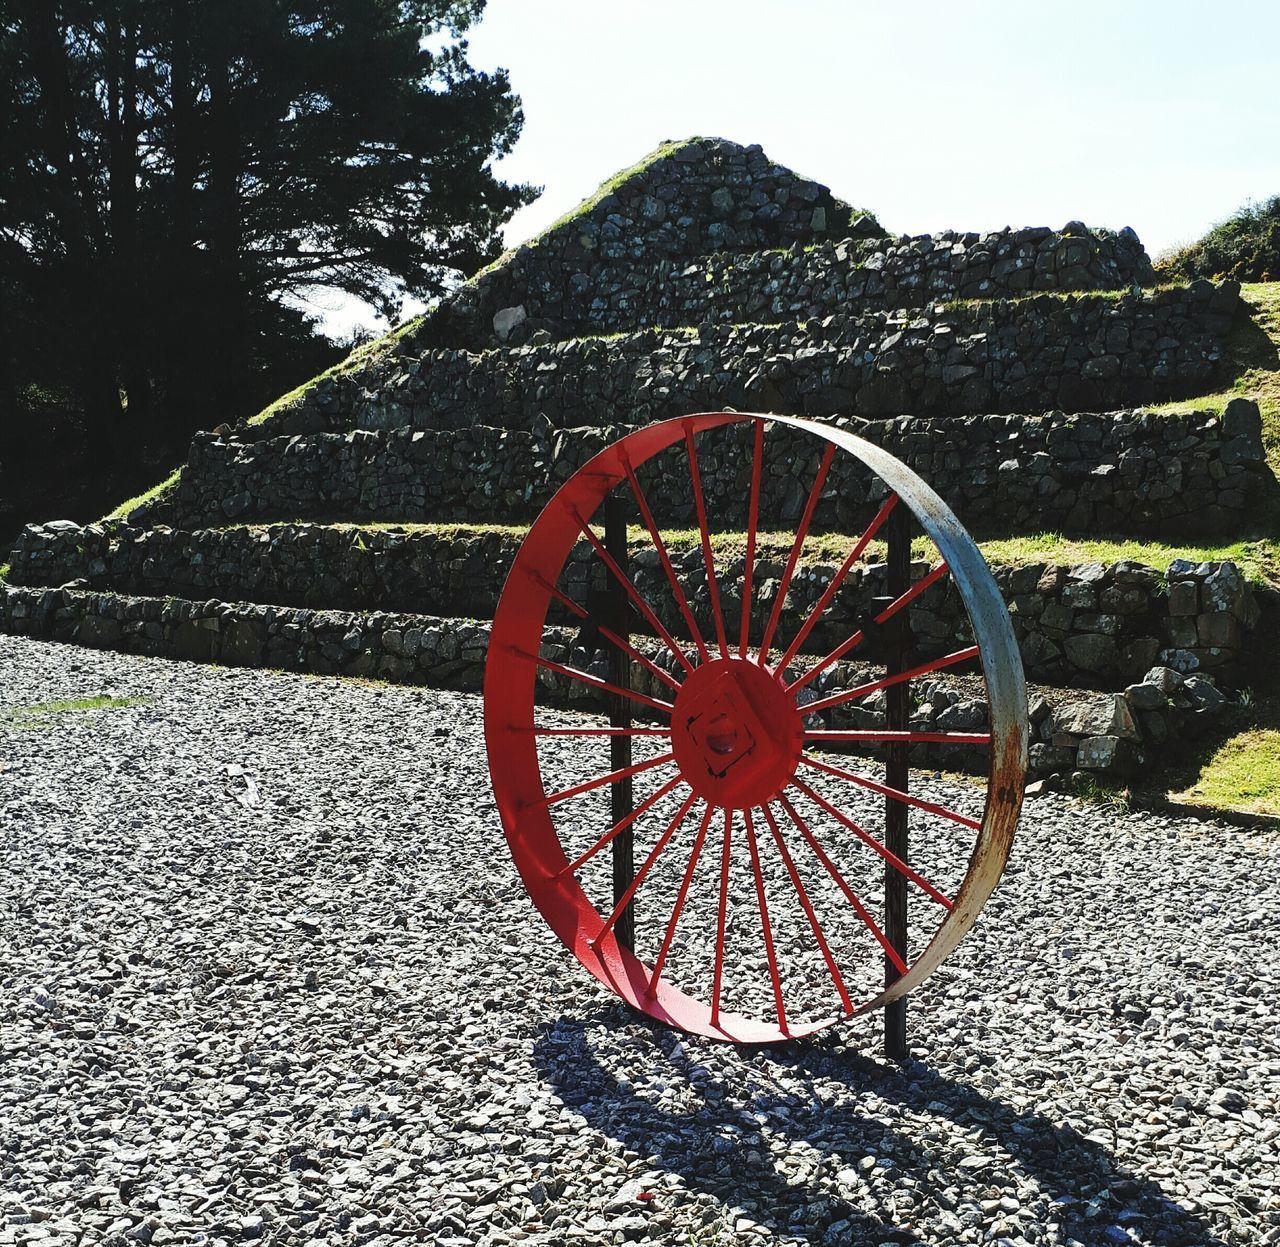 Metal Wheel Red Outdoor Activities